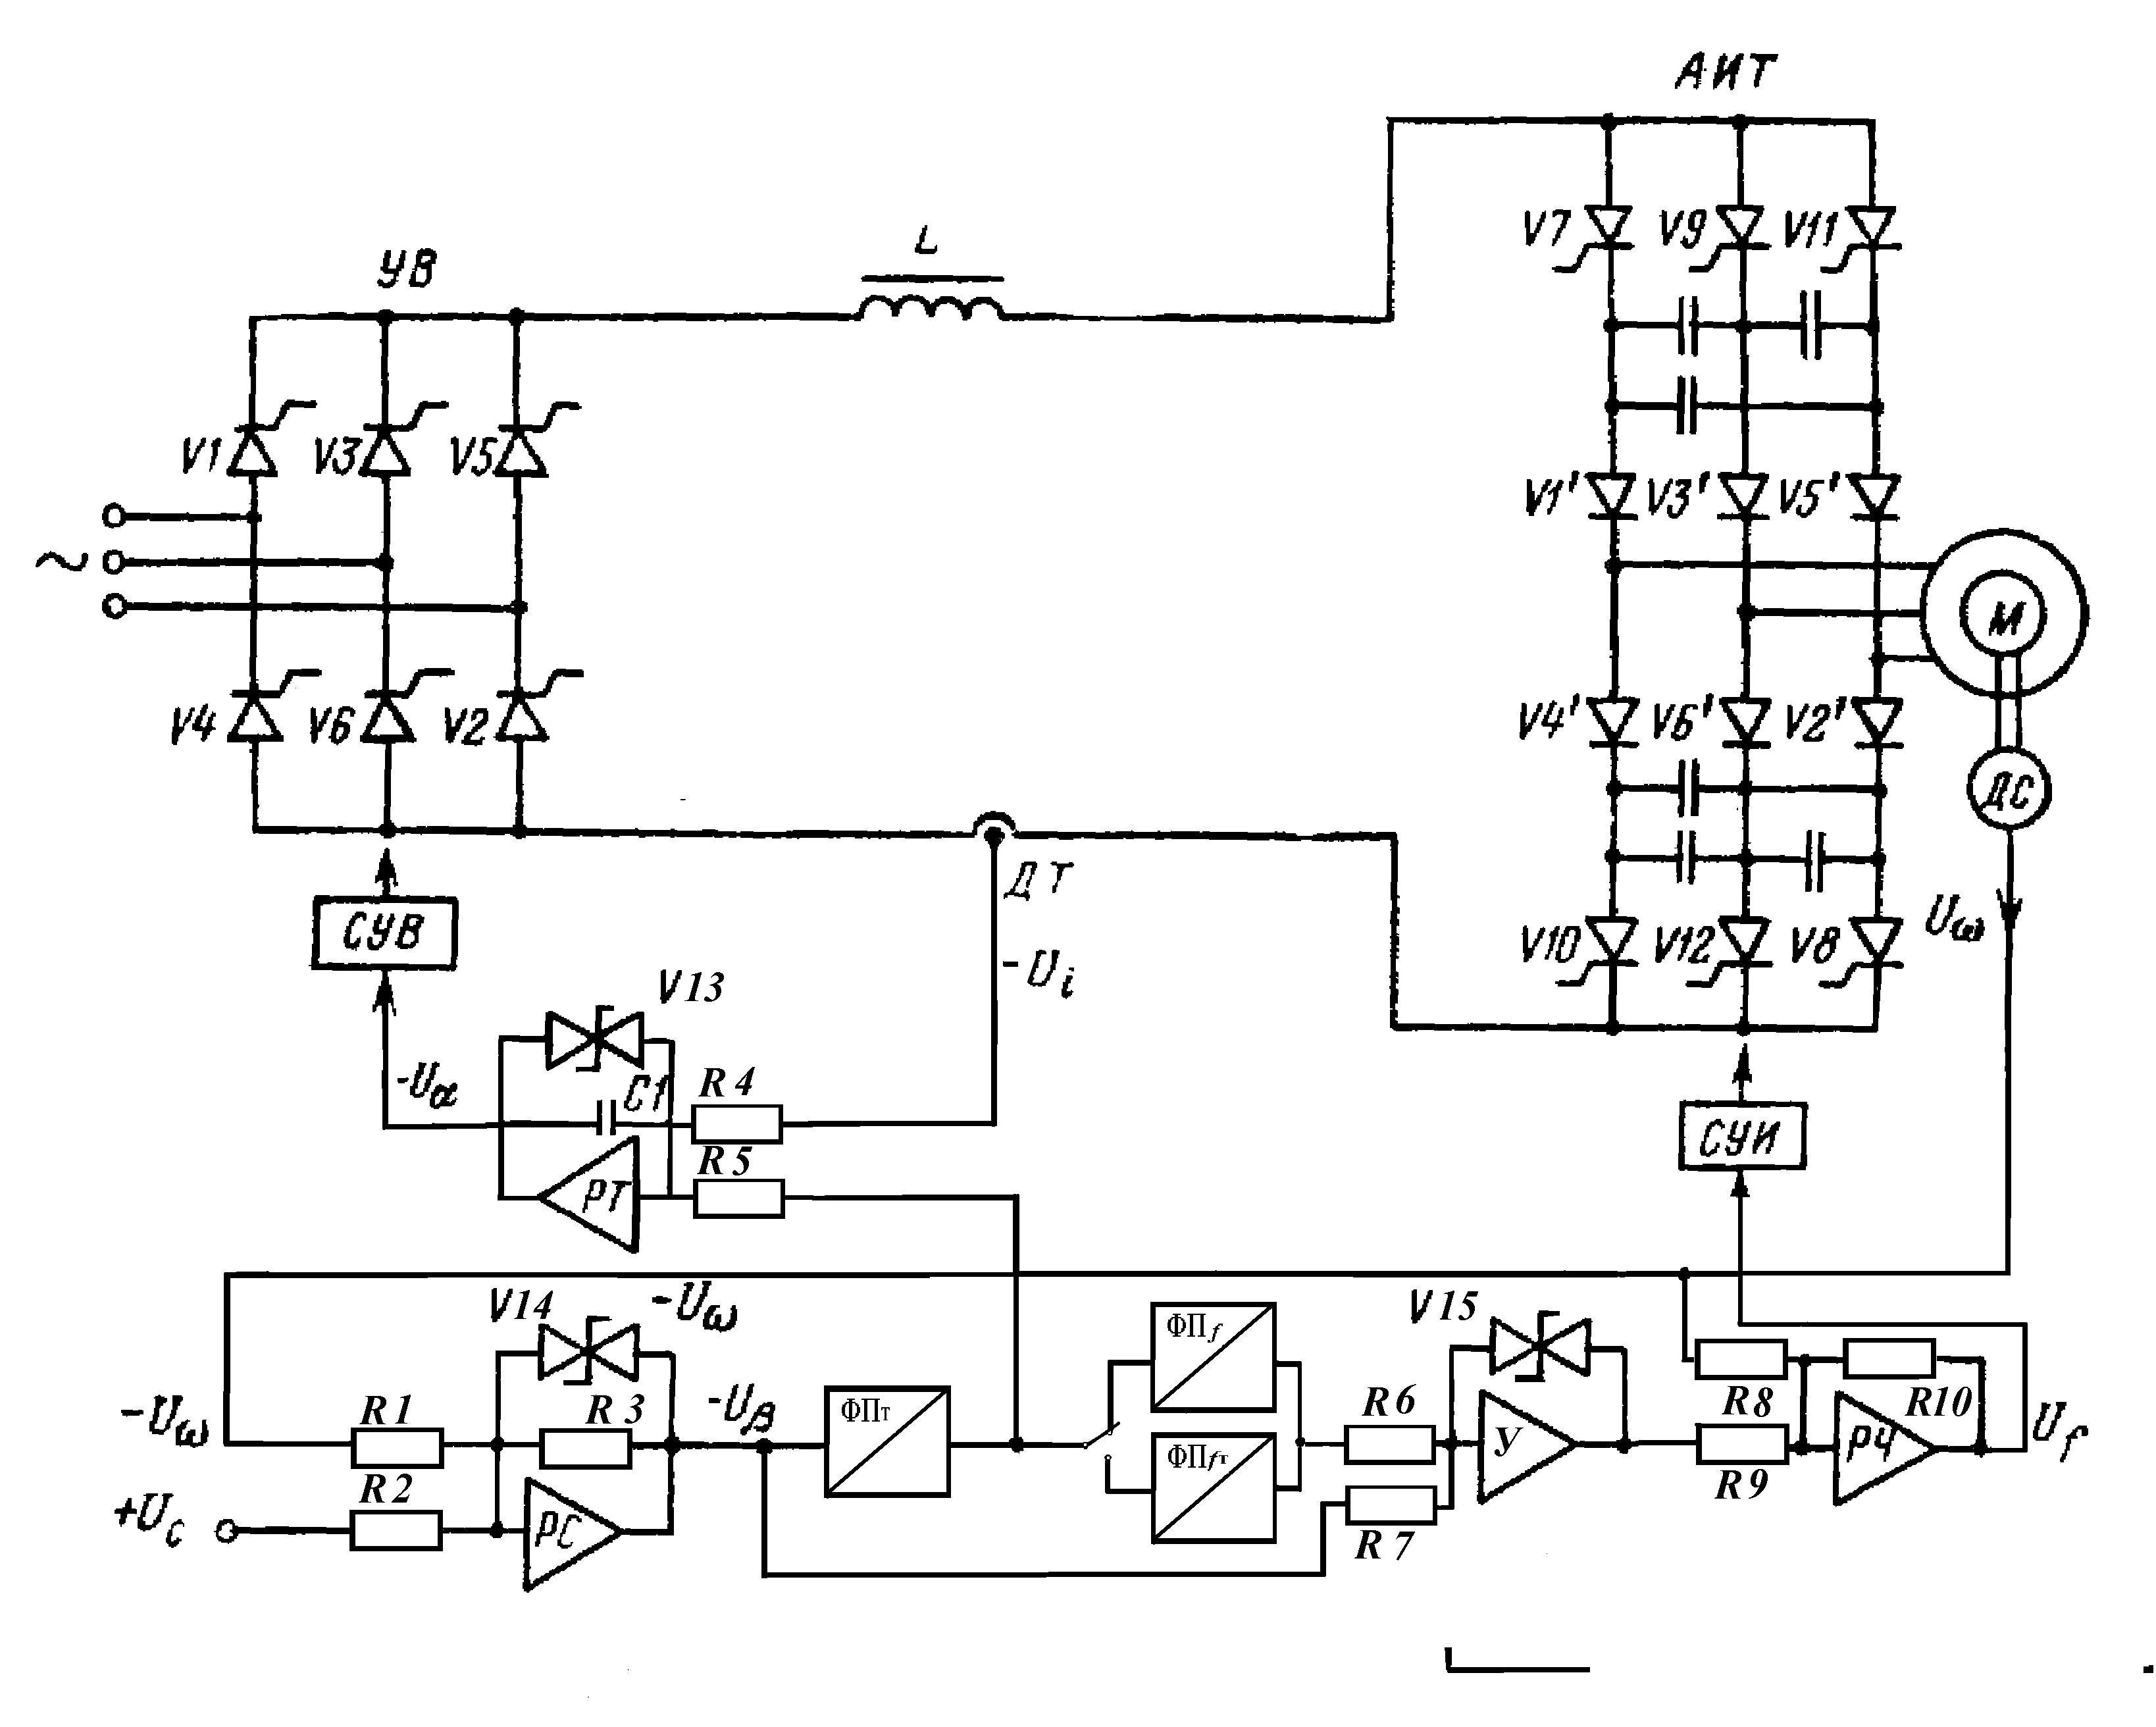 Управление асинхронным двигателем схема на микроконтроллерах